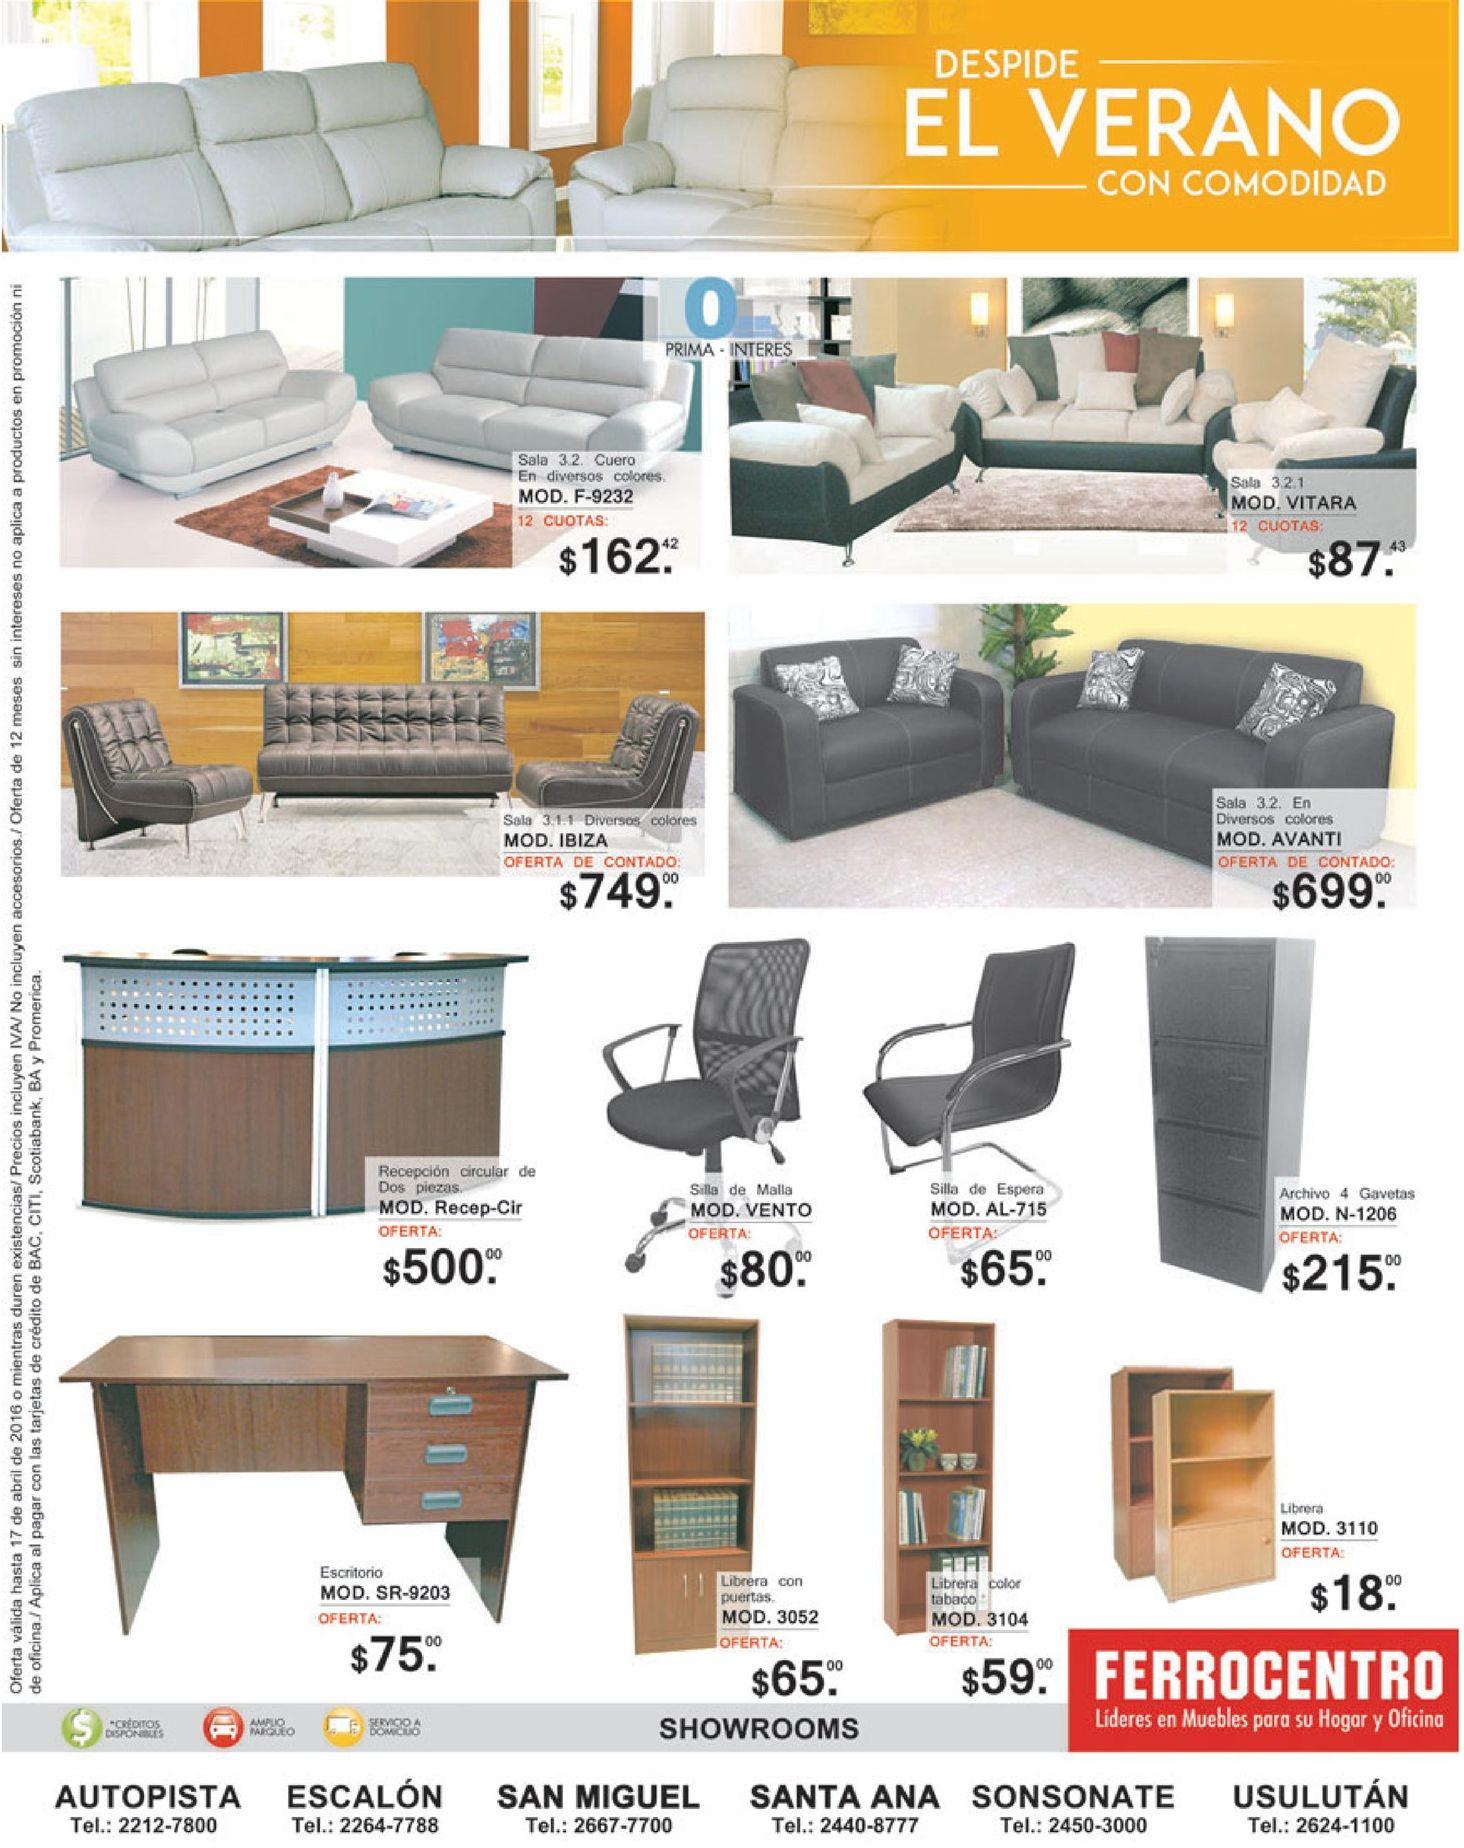 Compra muebles de calidad en el salvador con ferrocentro for Compra de muebles